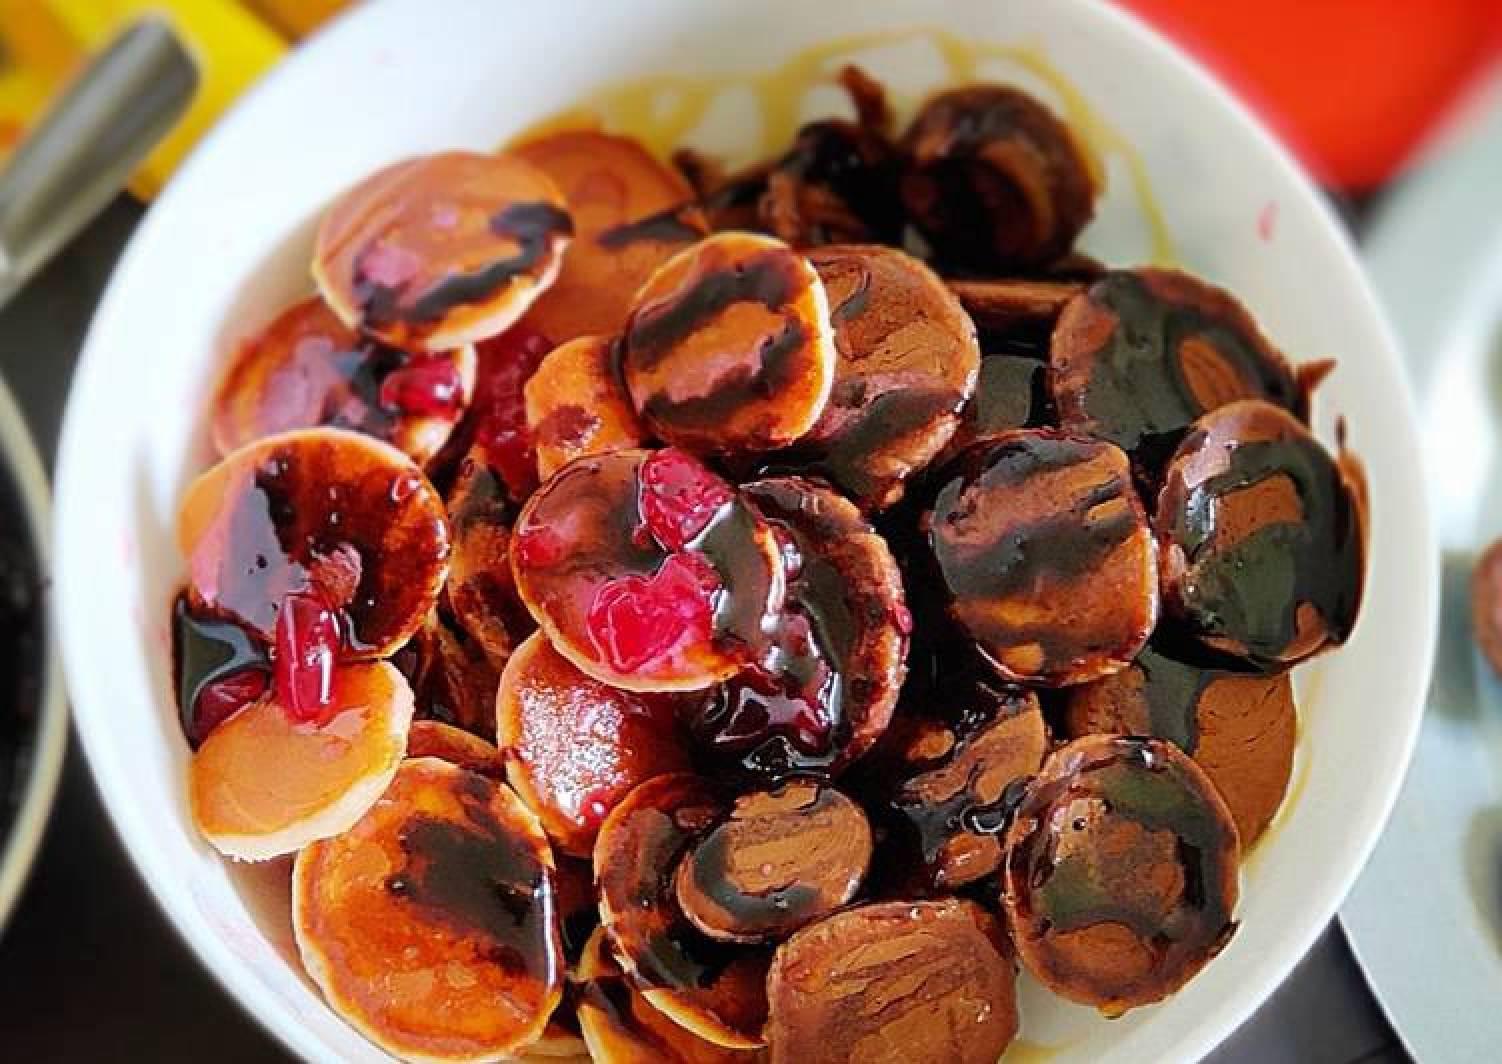 Pancake cereals Mixed Fruit jam and chocolate